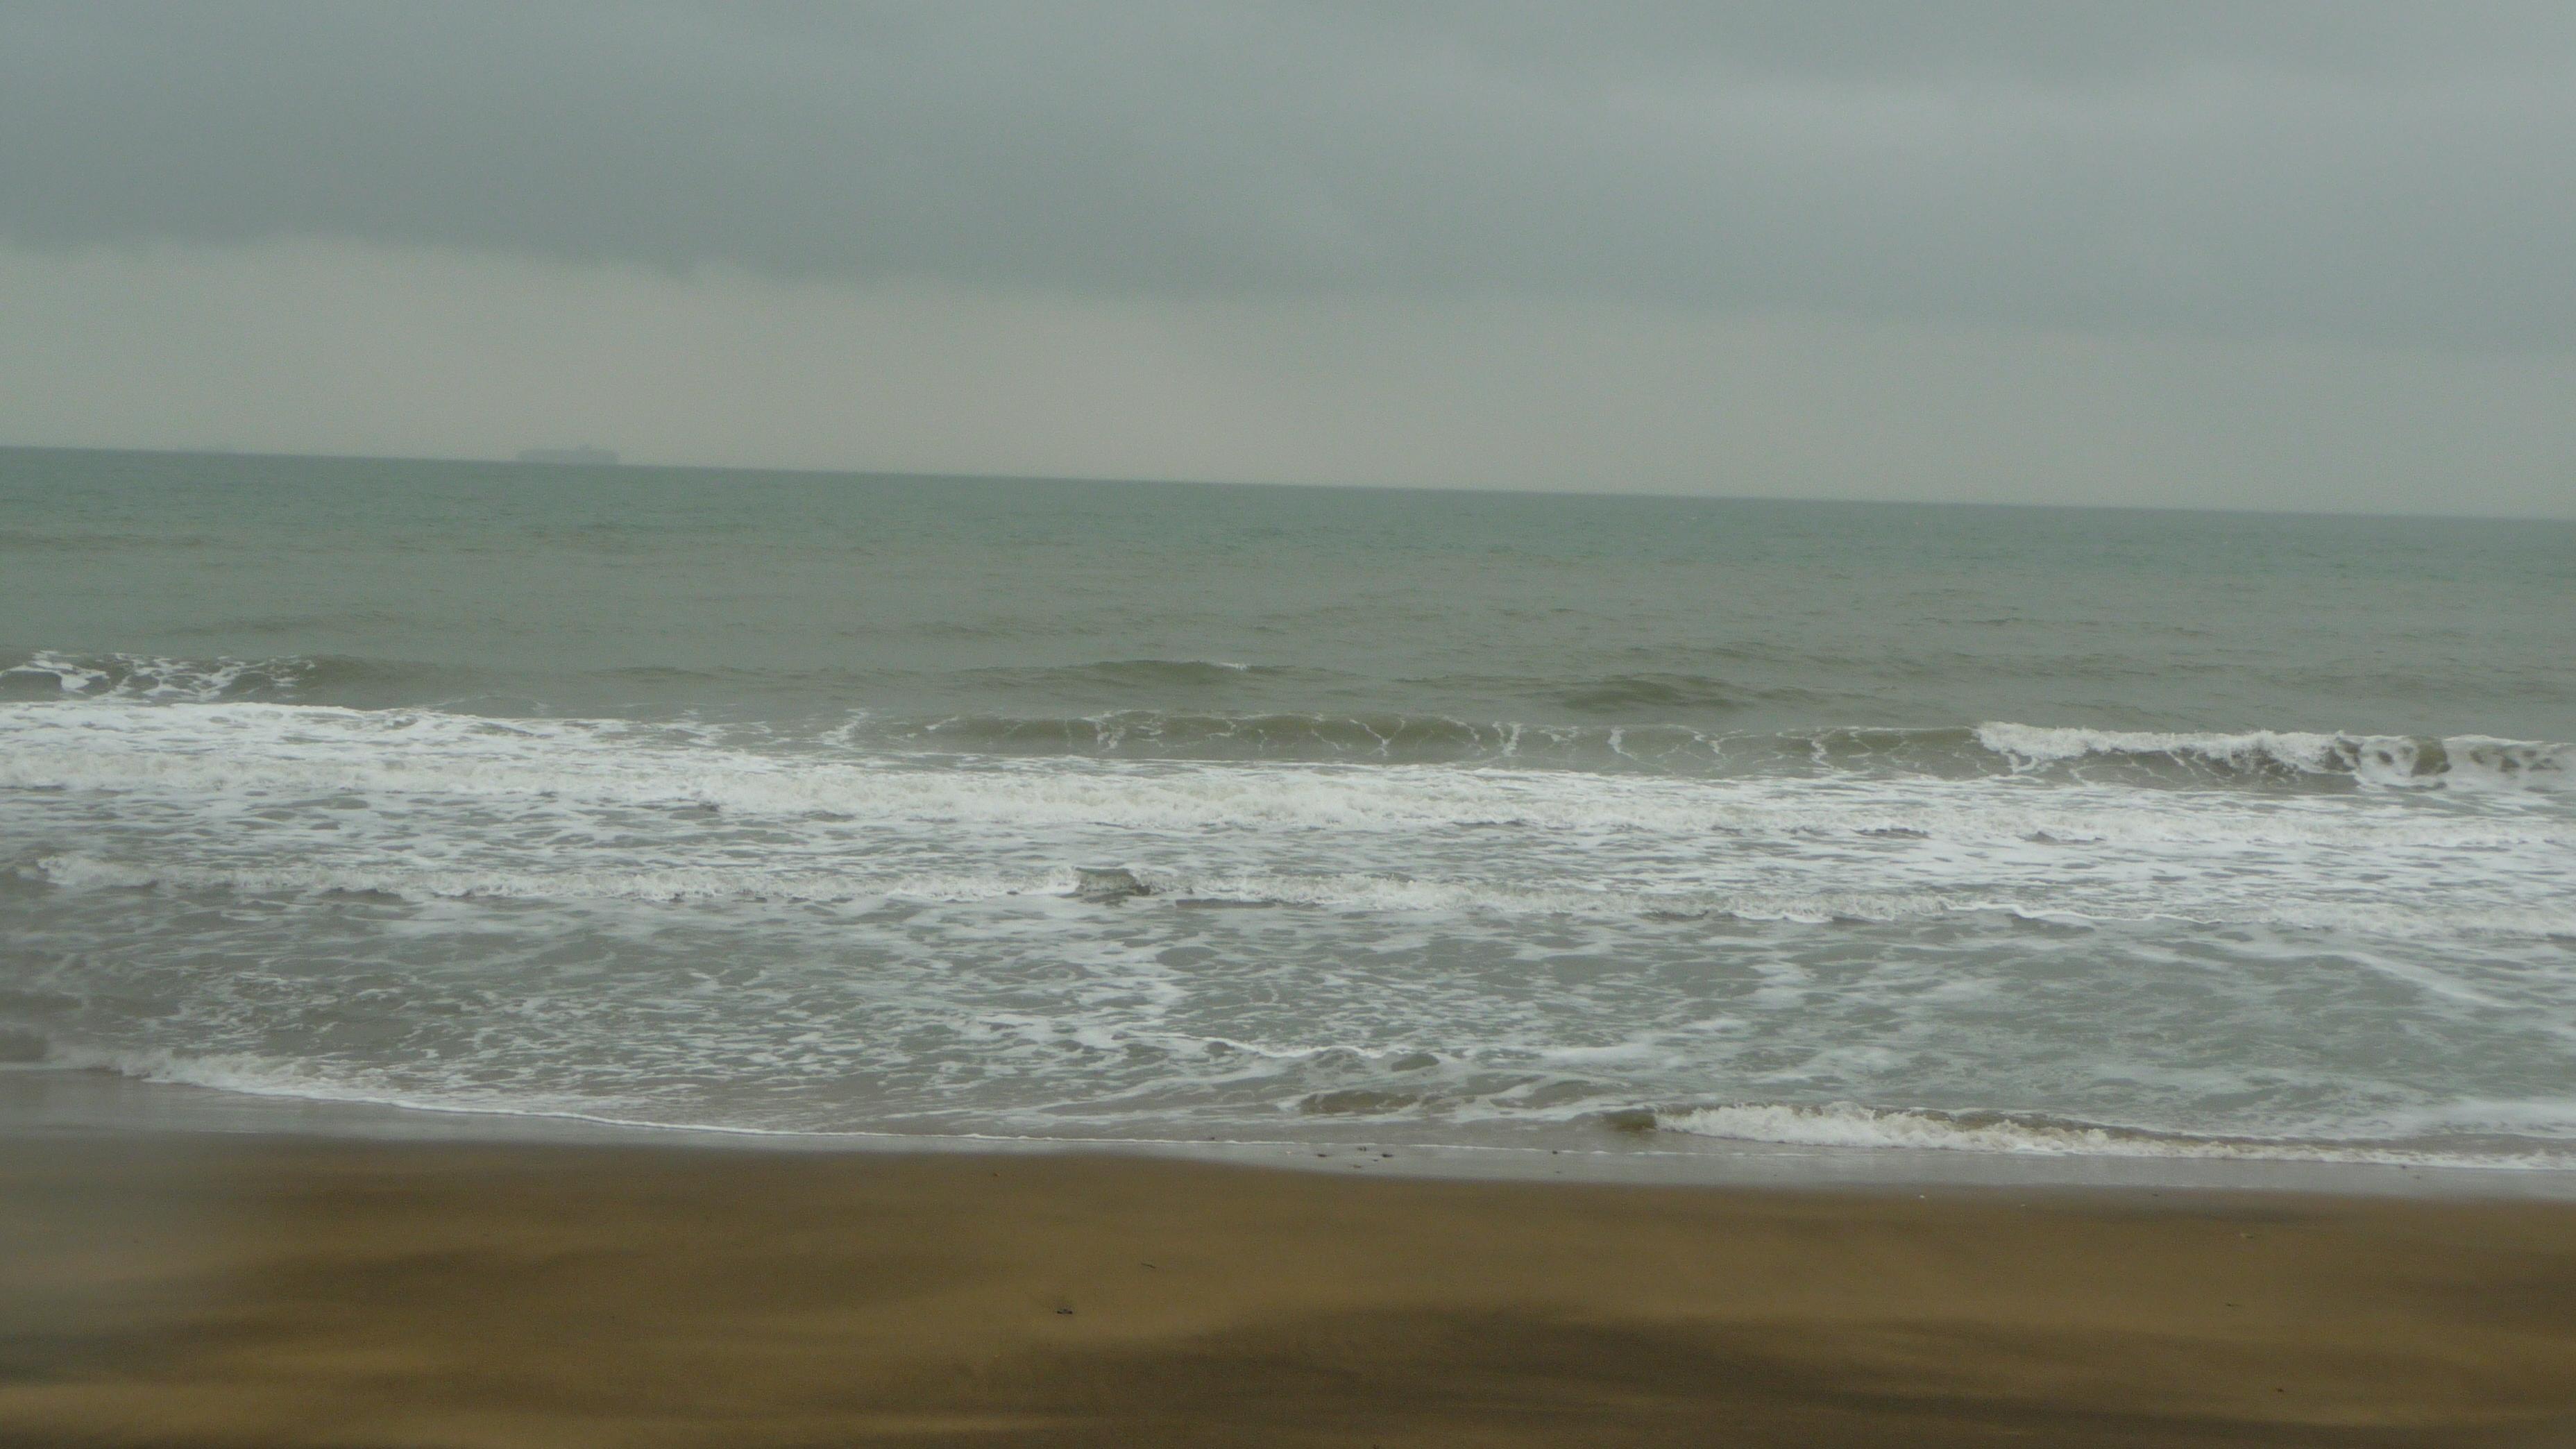 File:Sandown beach in bad weather 2.JPG